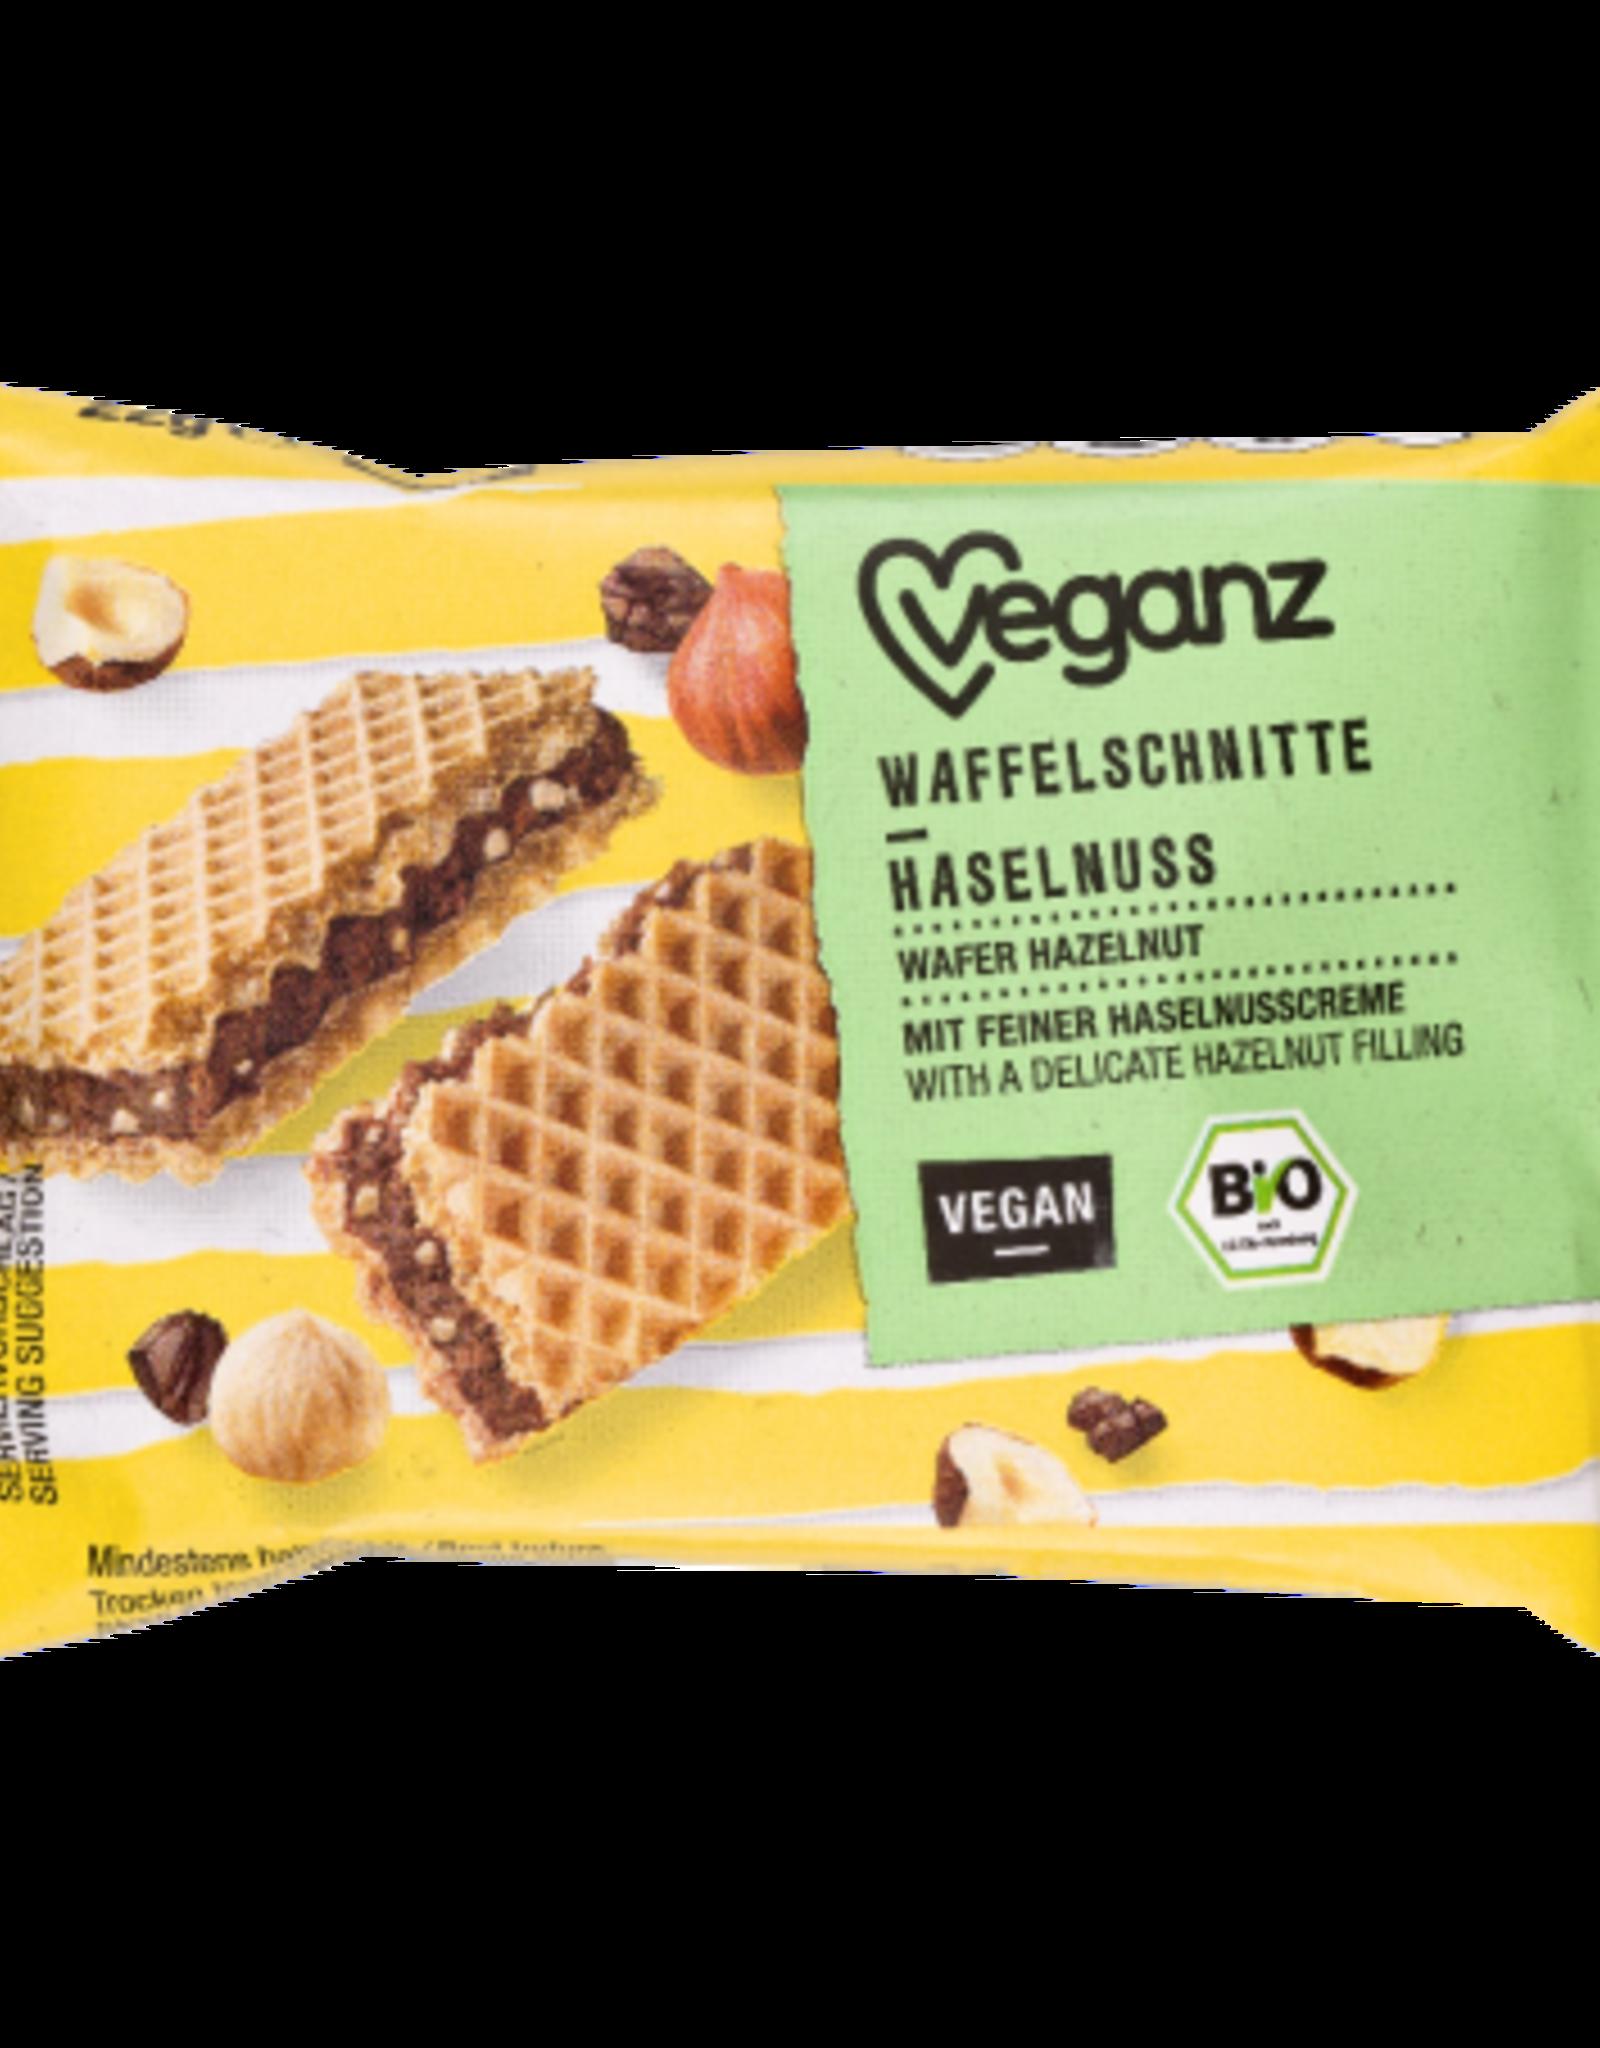 veganz Bio wafel met hazelnoot - Veganz 22g